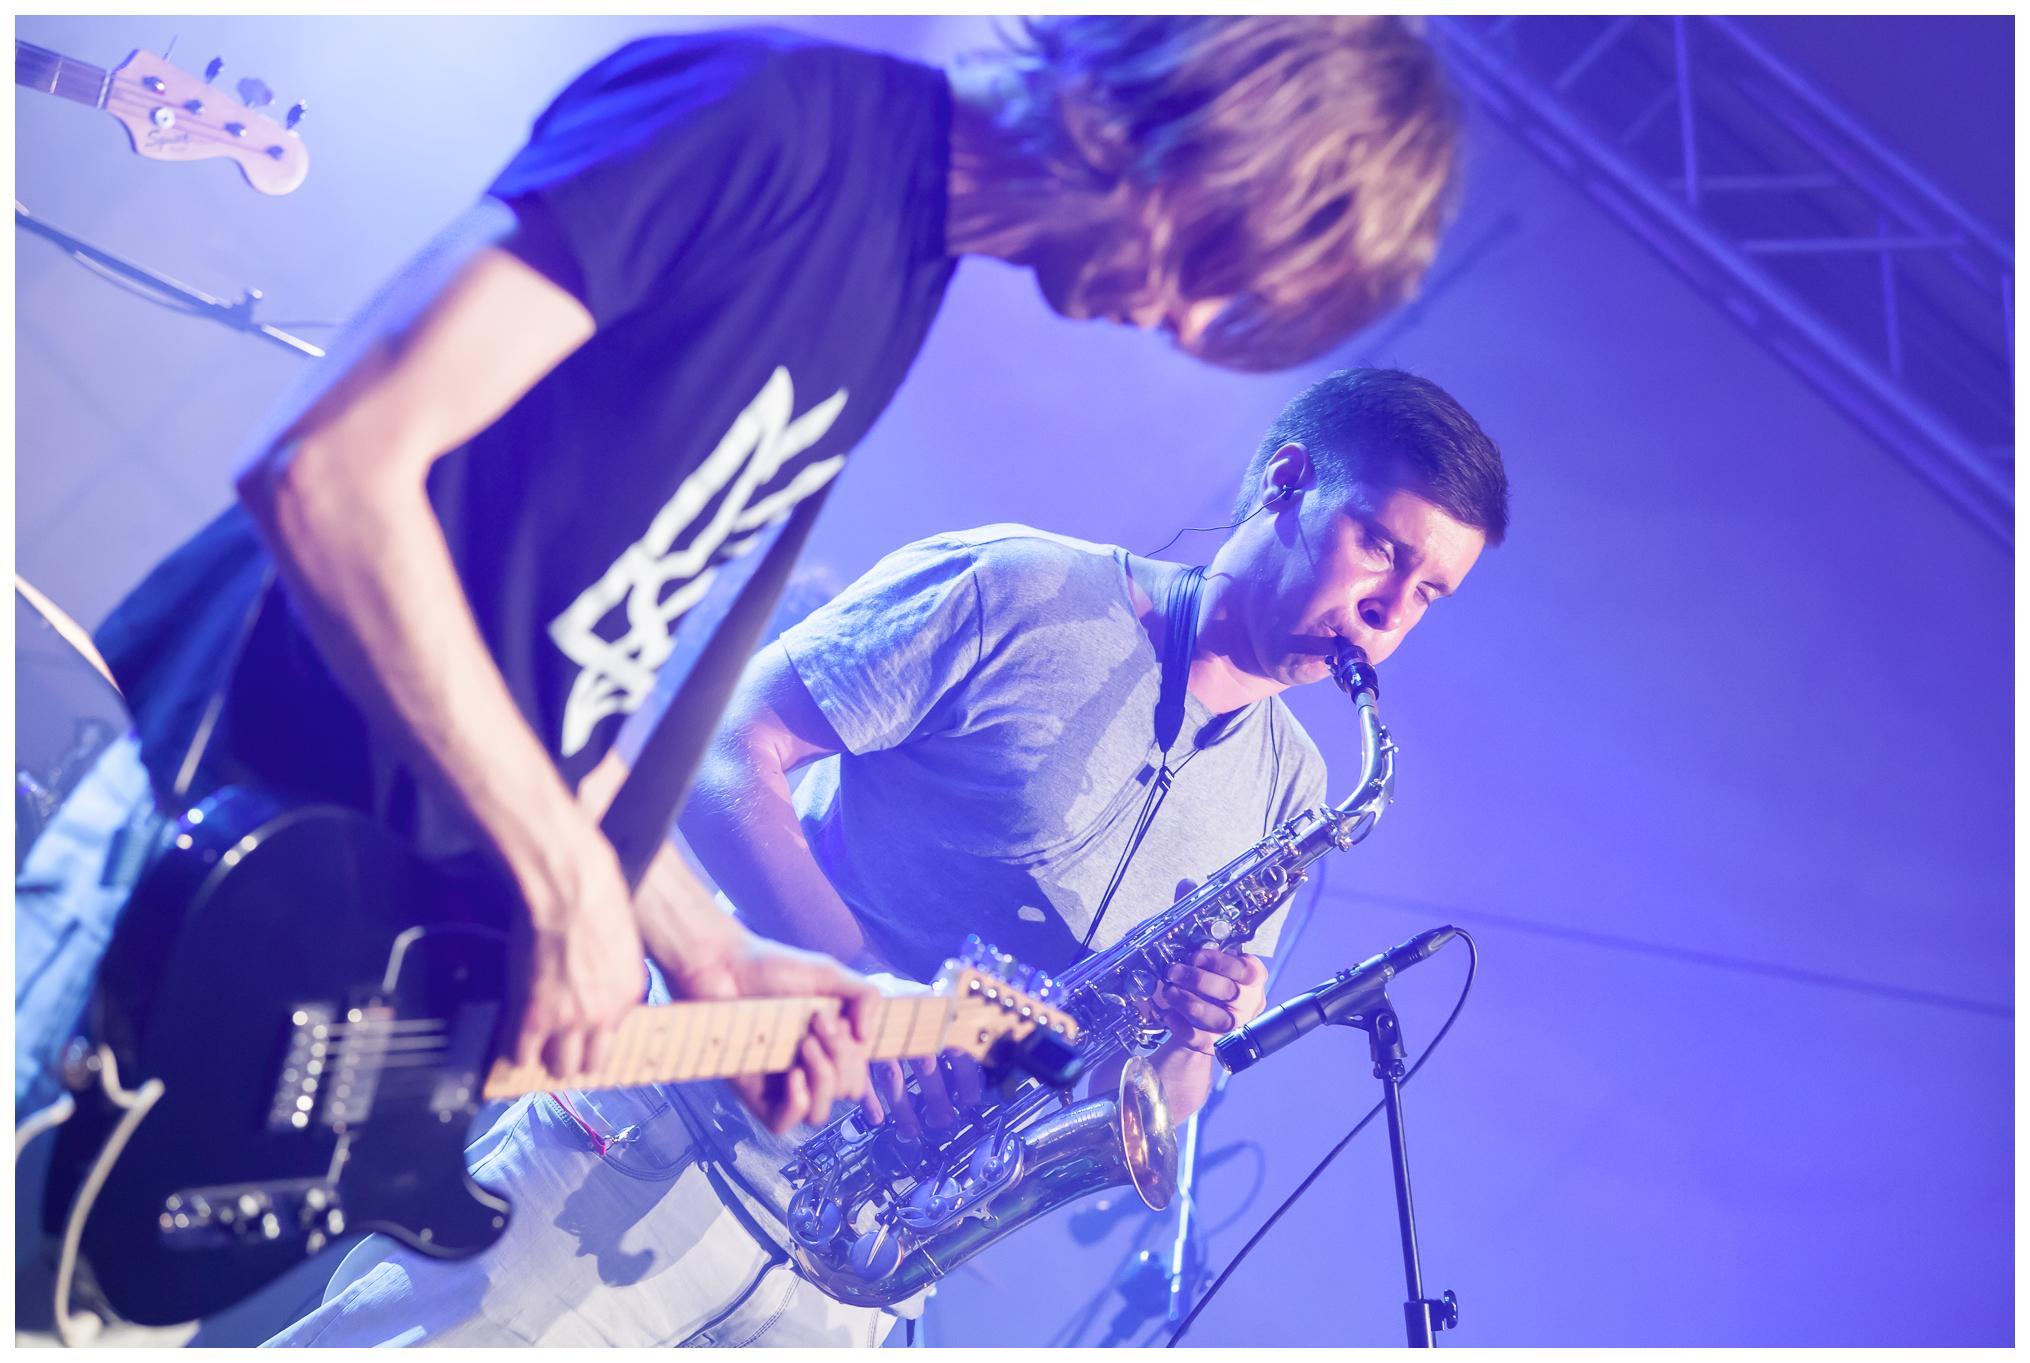 Koncert zespołu Atomic Simao. Na zdjęciu widzimy dwóch muzyków. Jeden gra na gitarze, drugi na saksofonie.